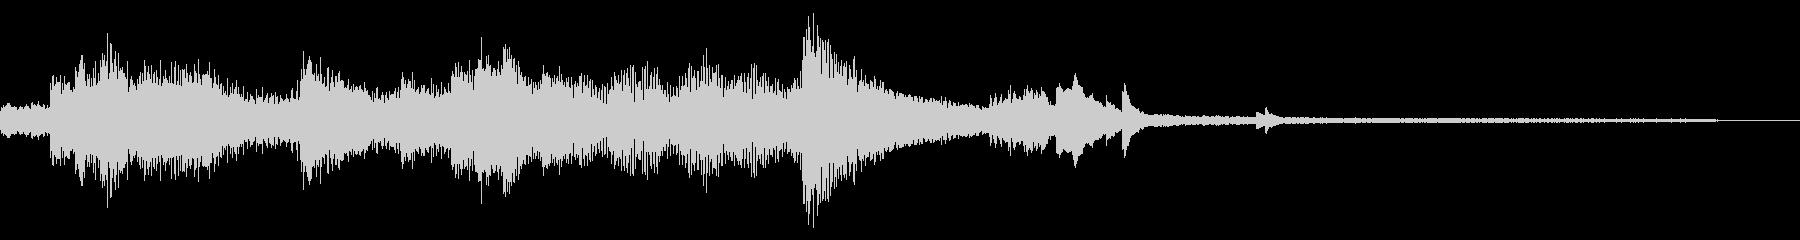 ピアノのモダンで優しいジングルの未再生の波形